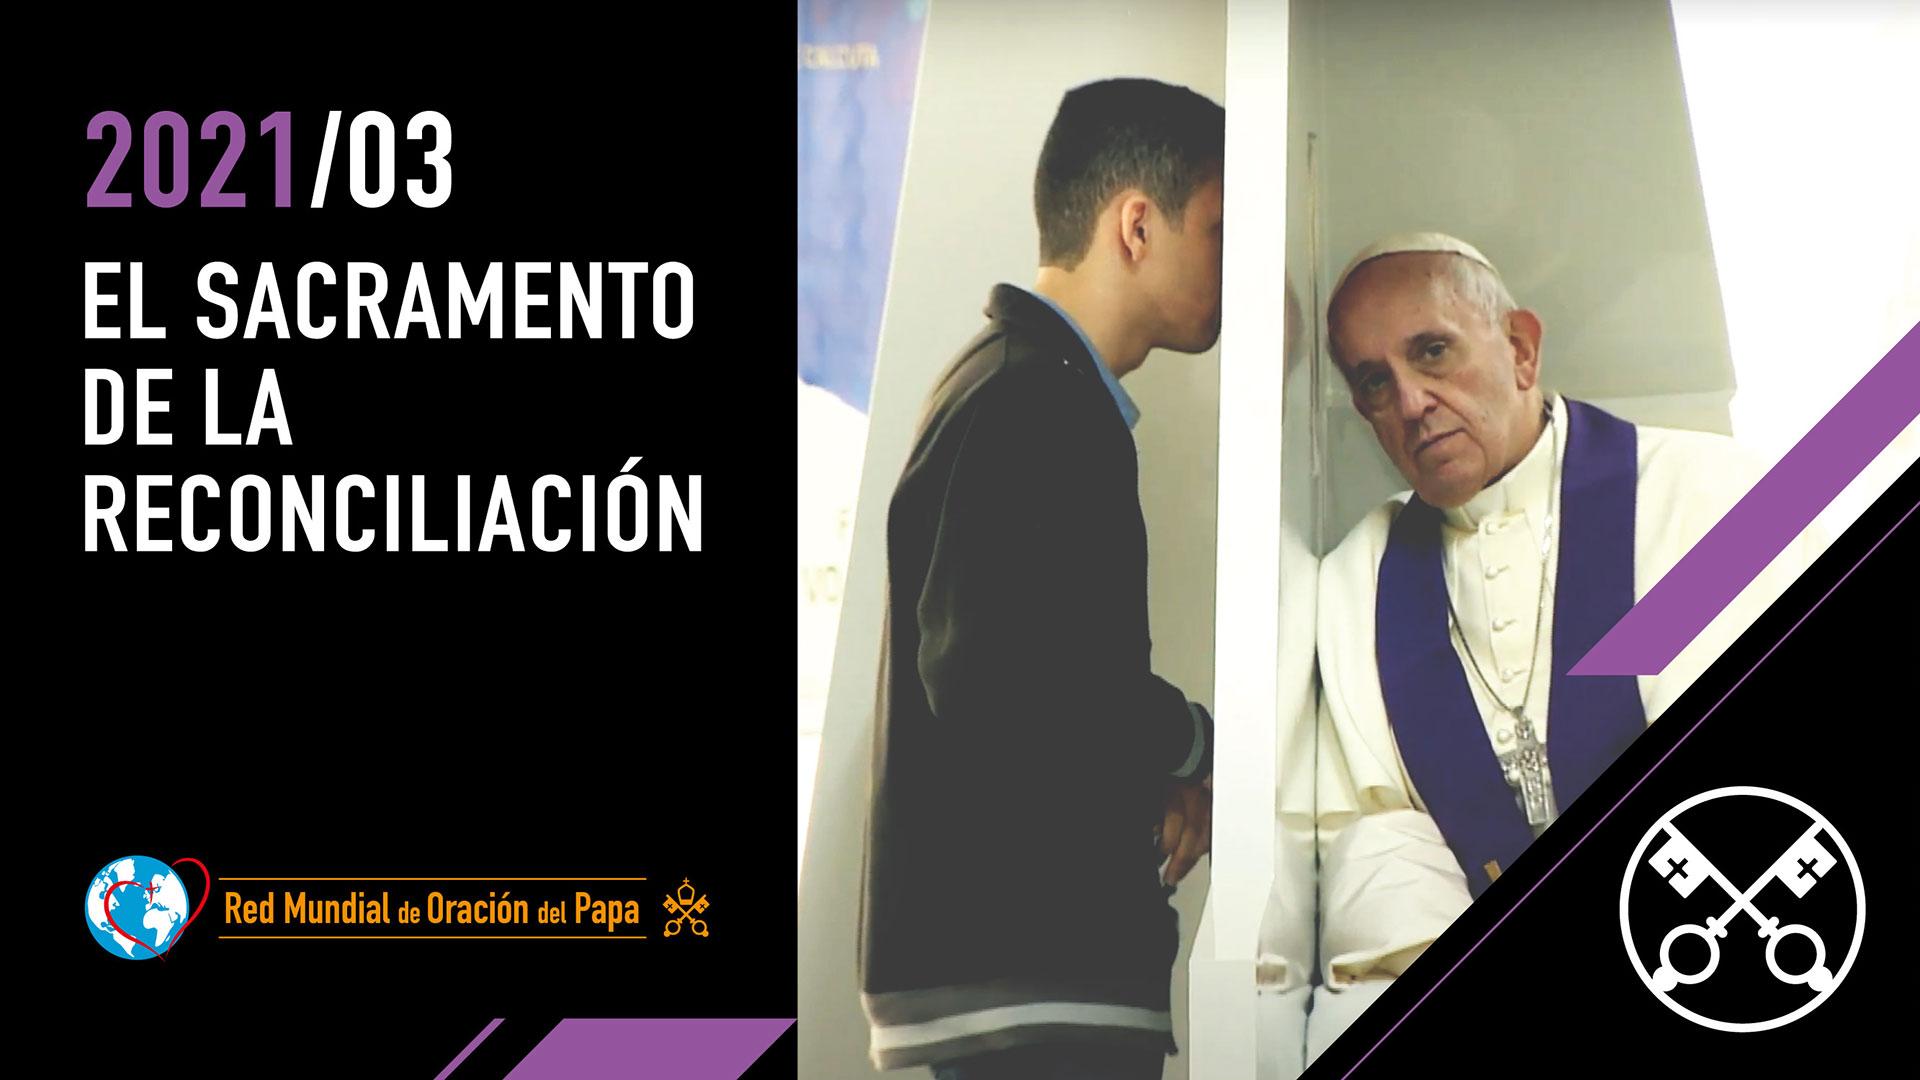 El sacramento de la reconciliación – El Video del Papa